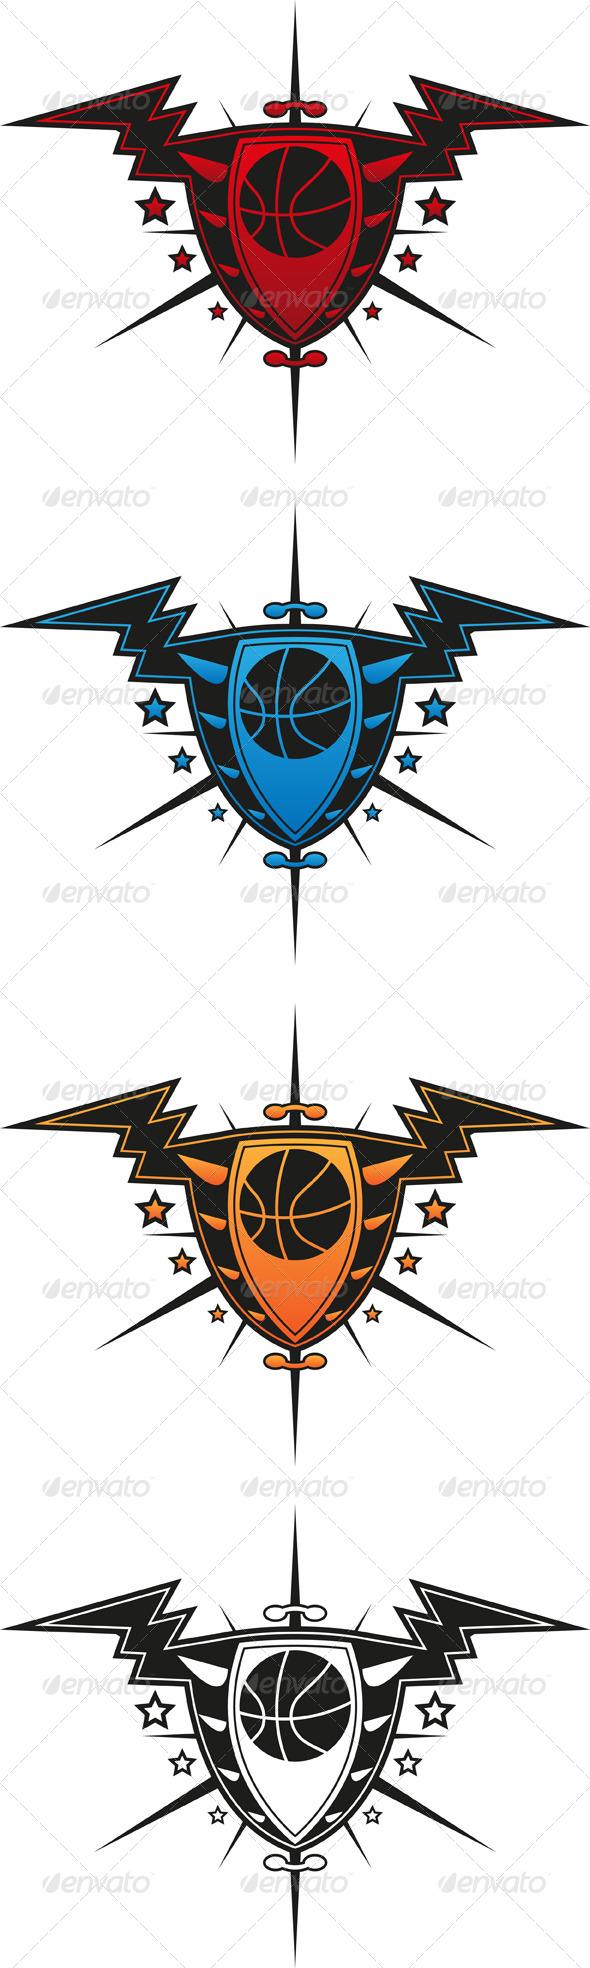 GraphicRiver Basketball Emblem 4929813